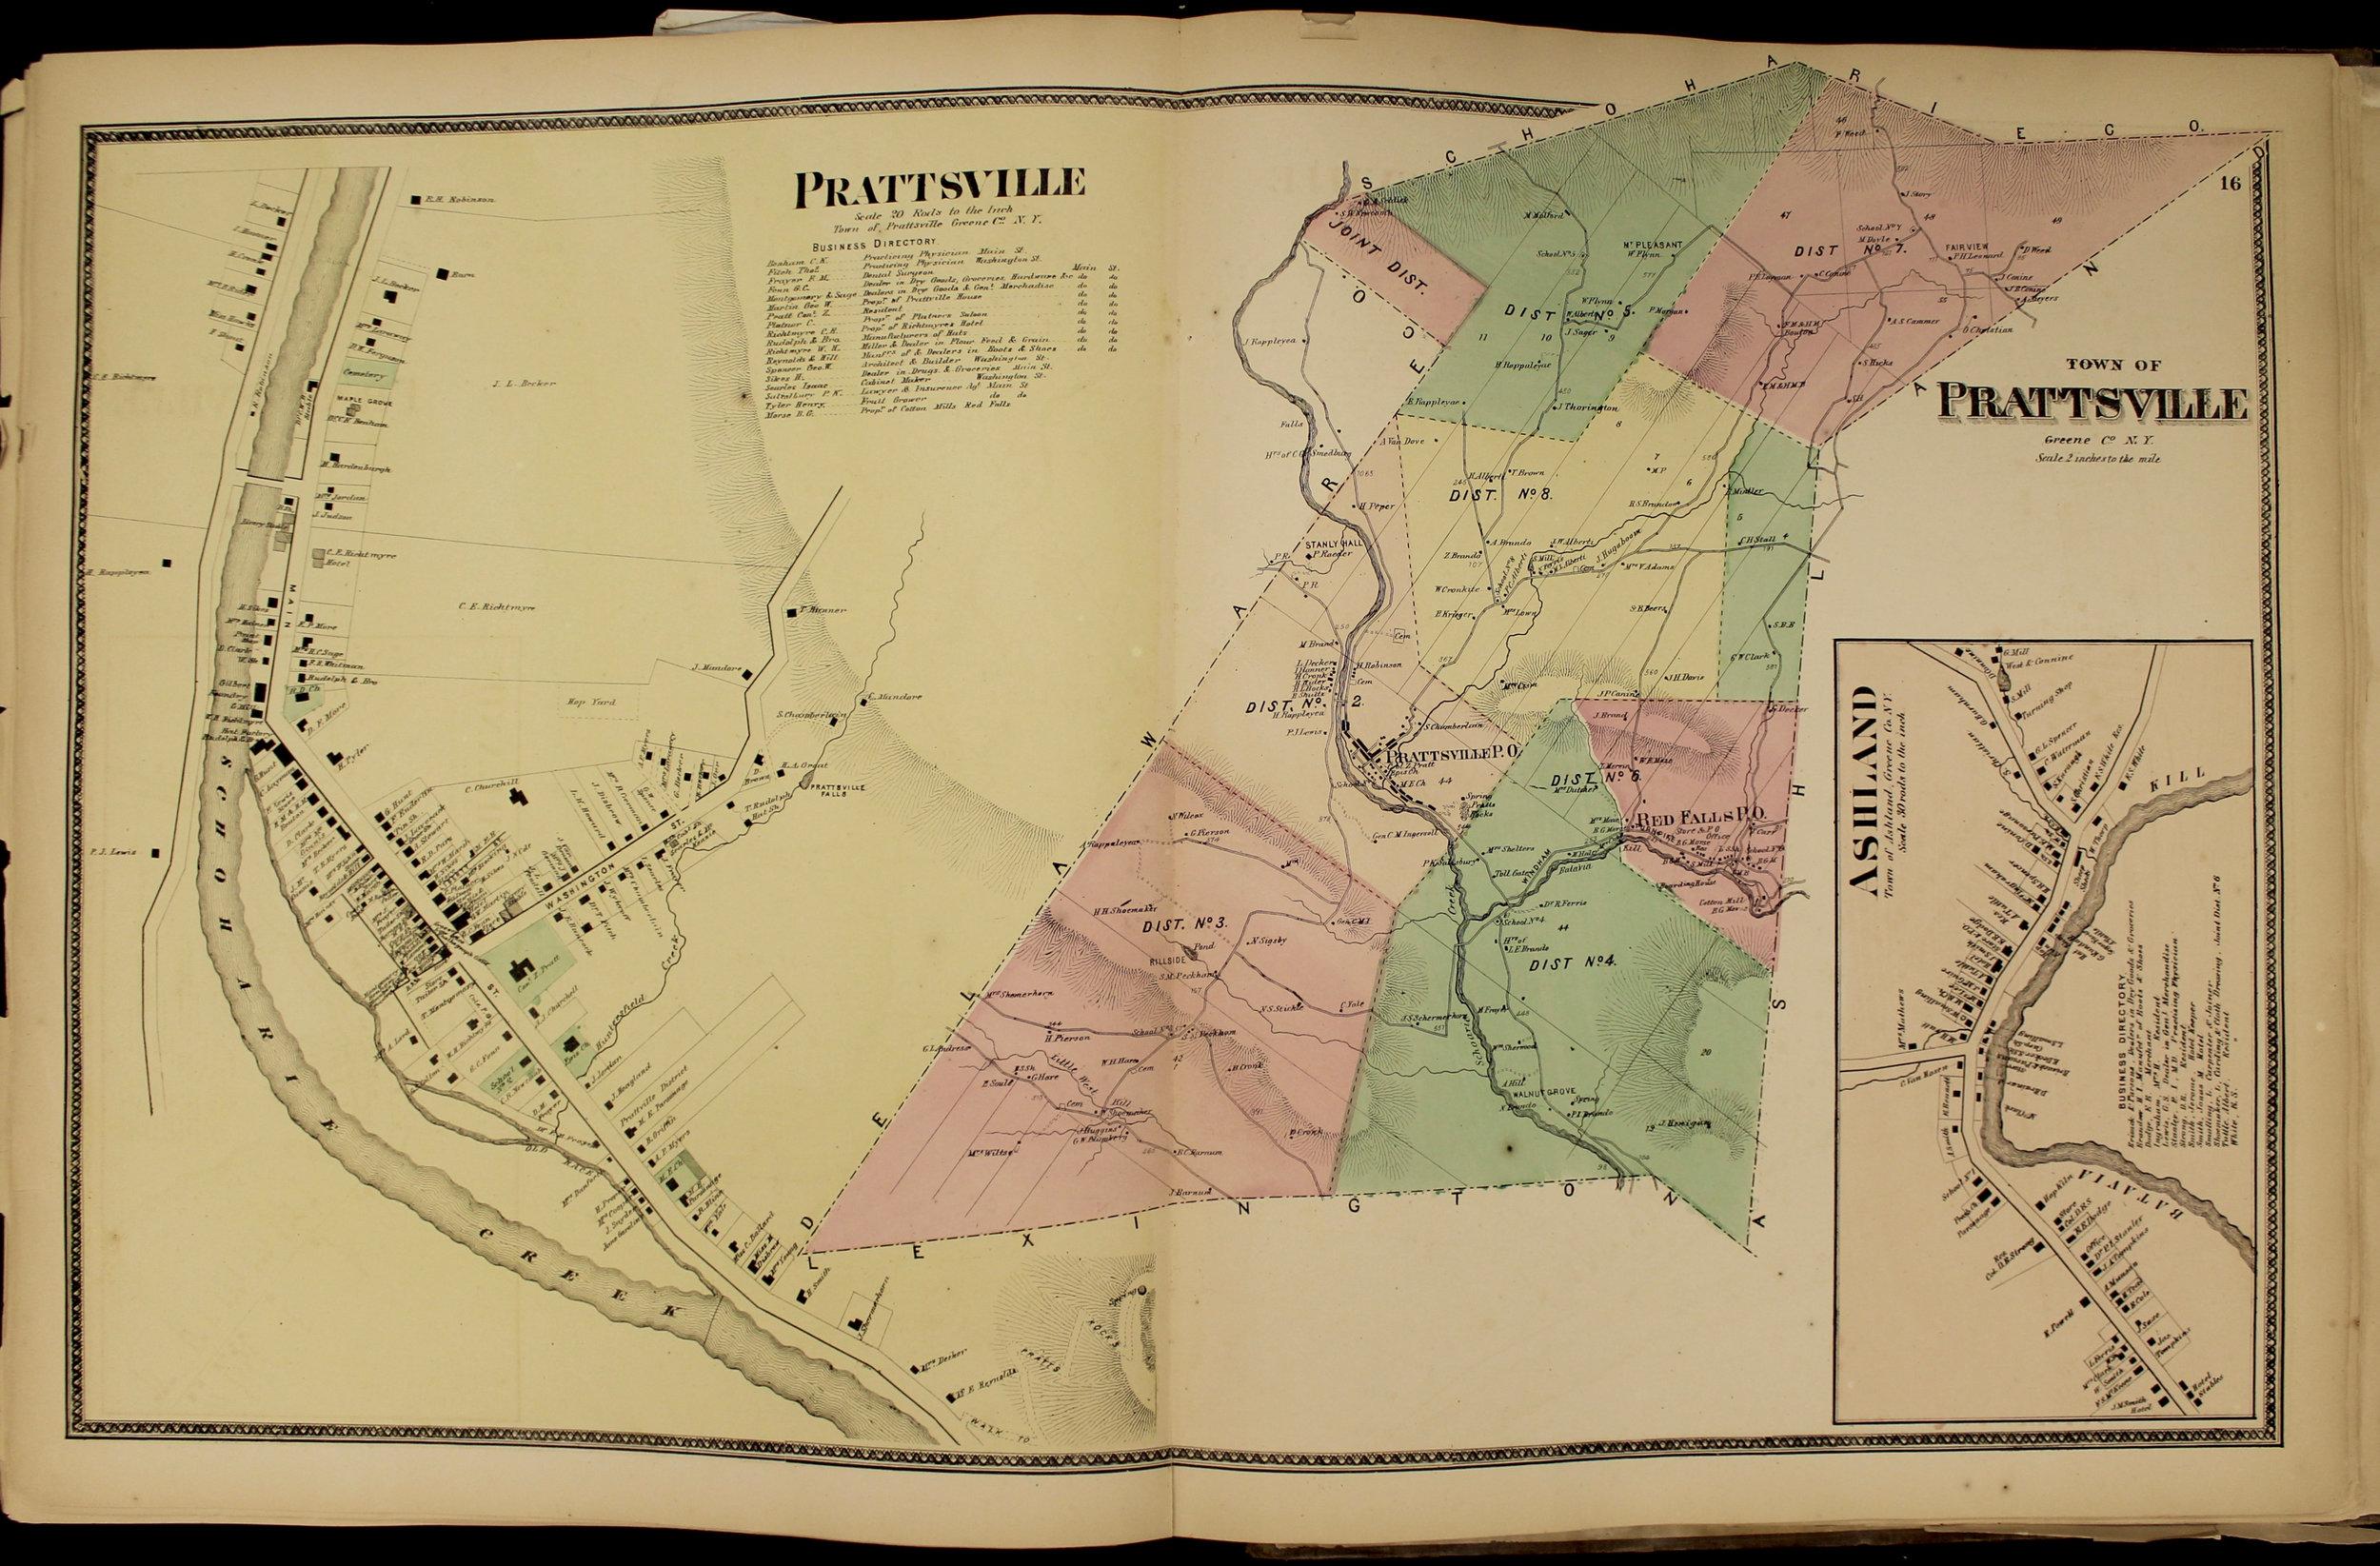 Town of Prattsville.jpg